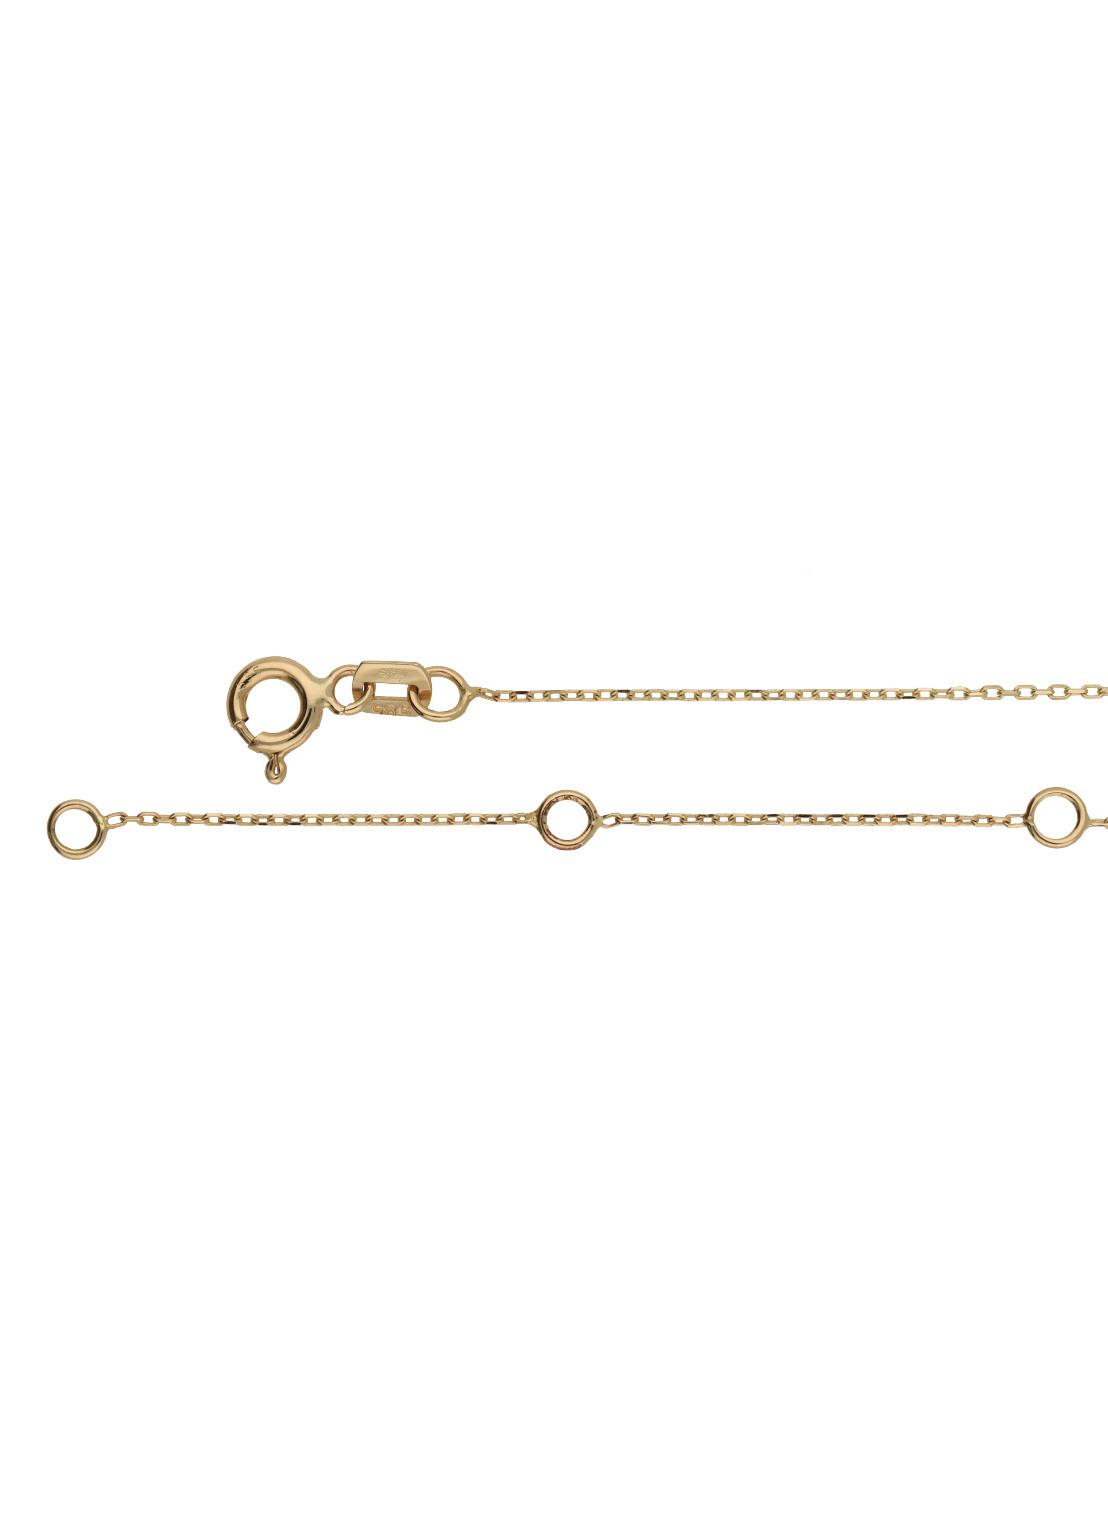 14 karaat geelgouden dames ketting - Jackie - Five Rings Necklace-2